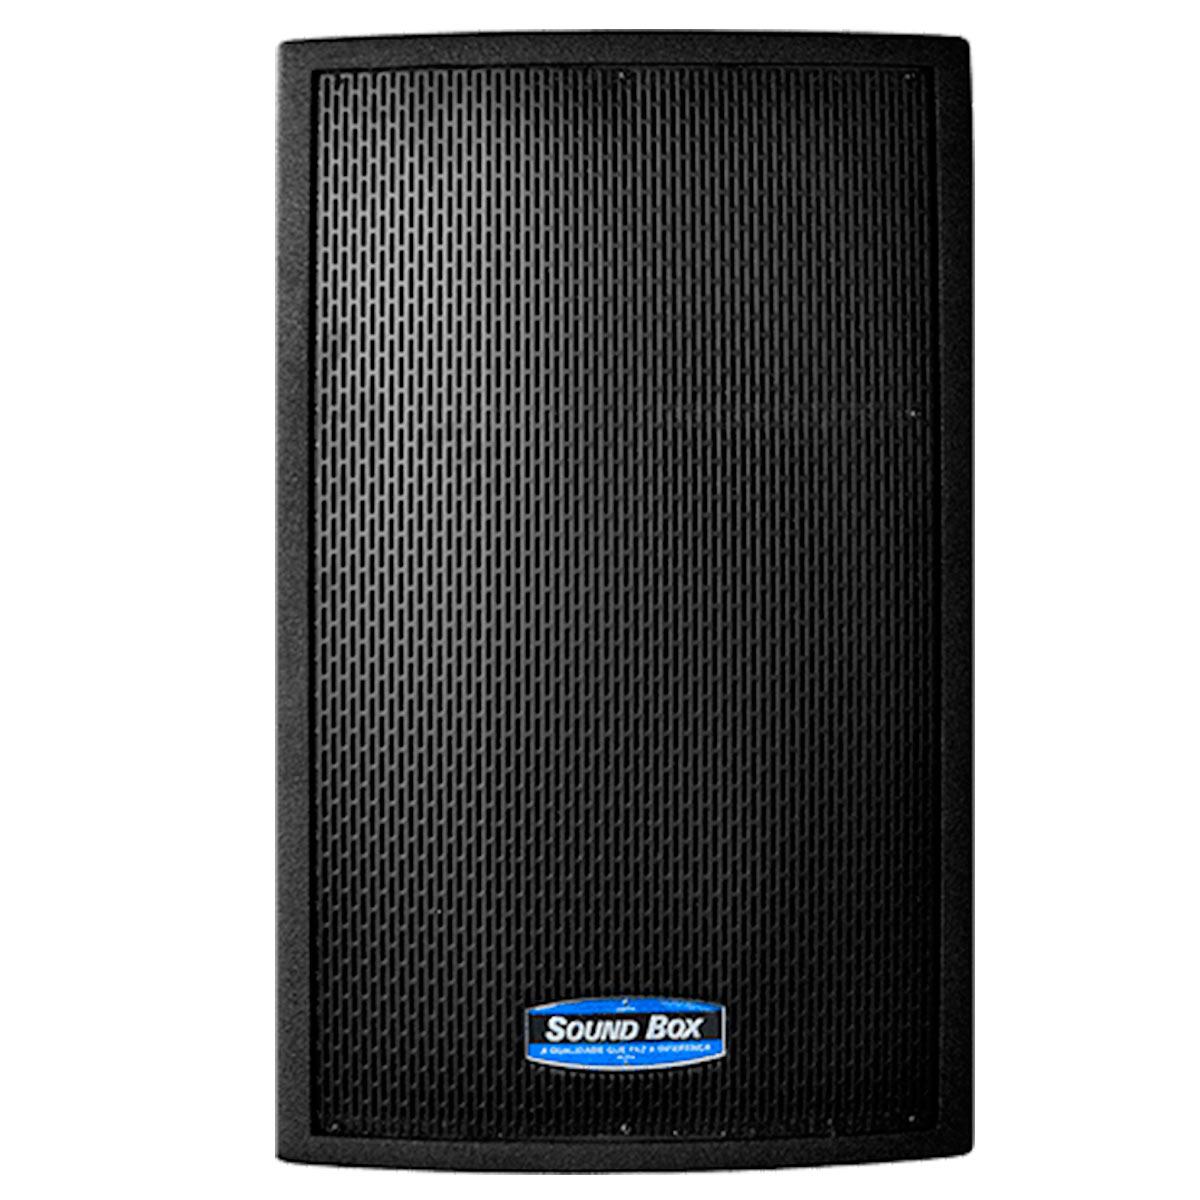 Caixa Ativa Fal 15 Pol 600W PA / Monitor / FLY - Impact 15 SoundBox